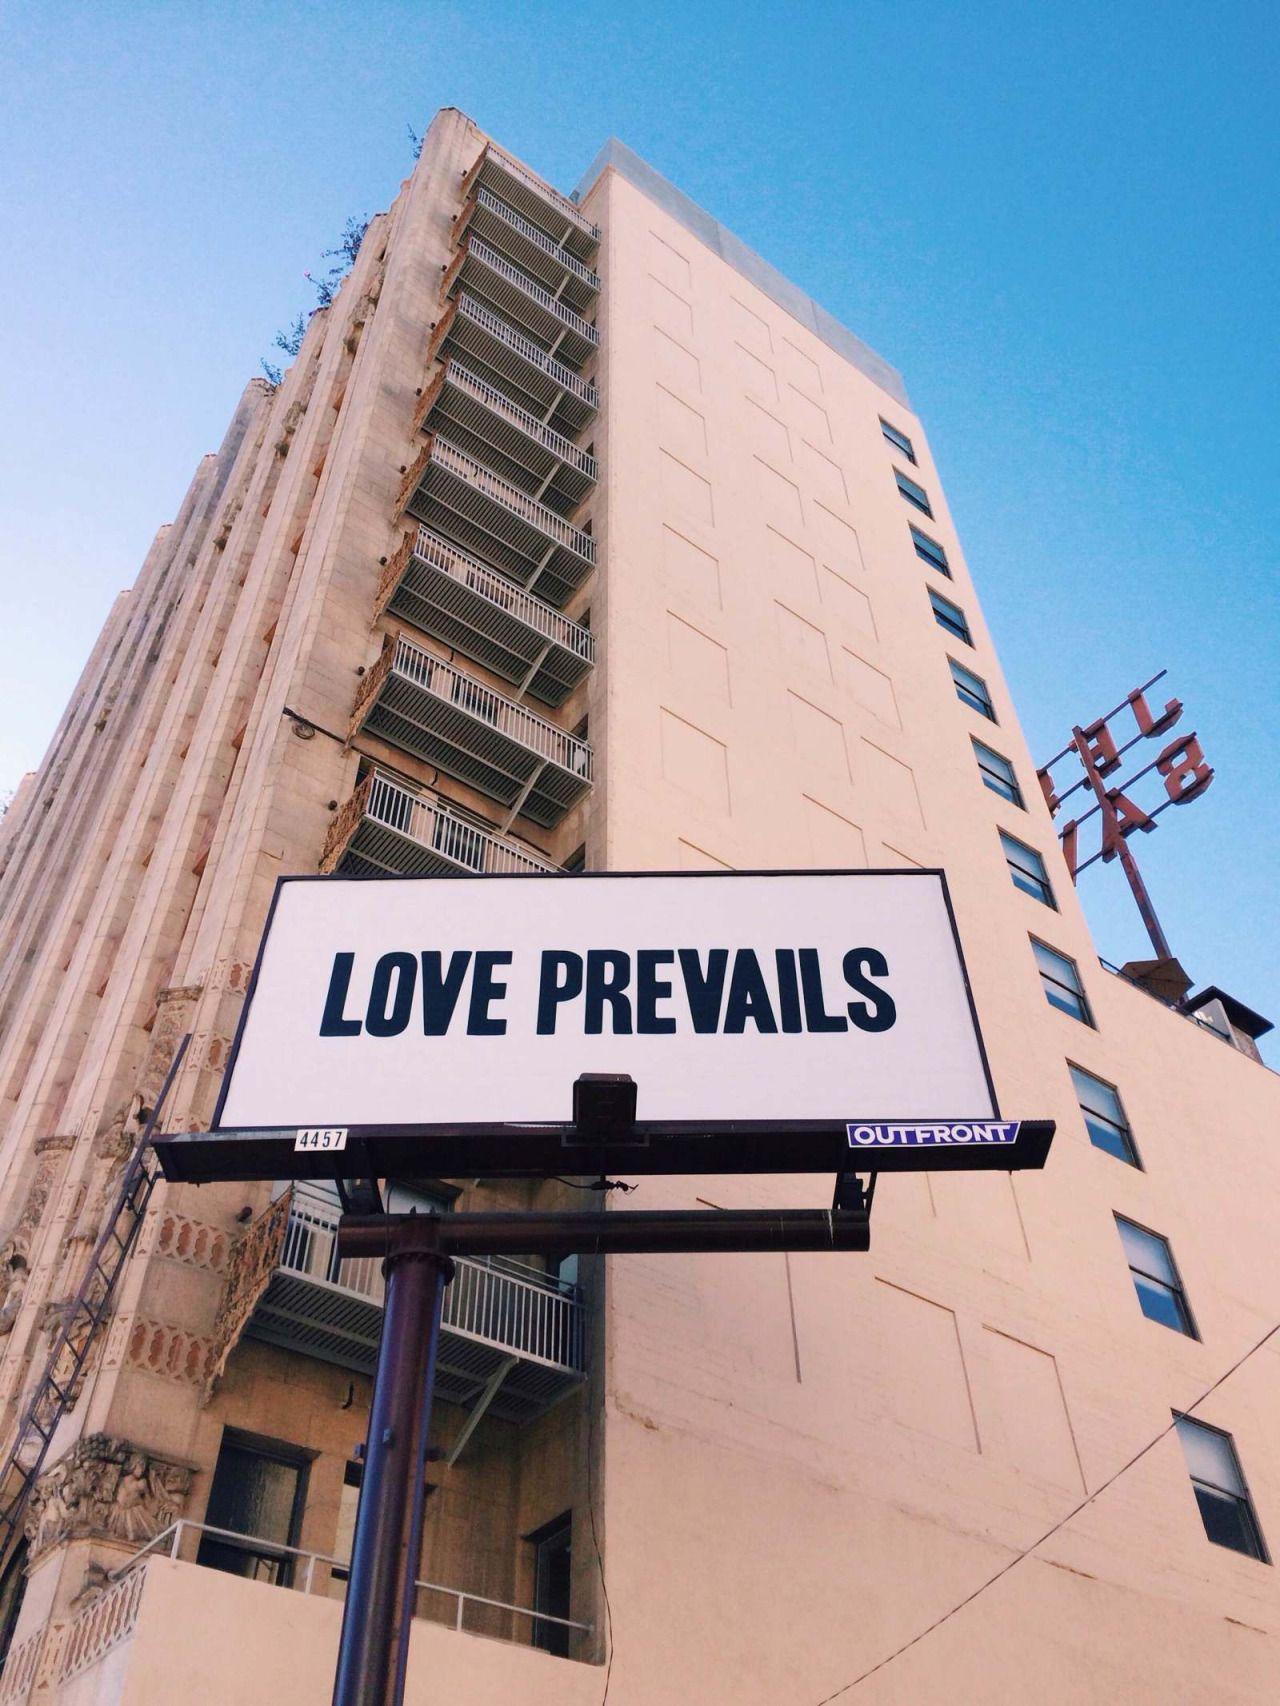 Taryn Cowart PortlandBillboard For Ace Hotel Downtown Los - Ace hotel portland downtown la